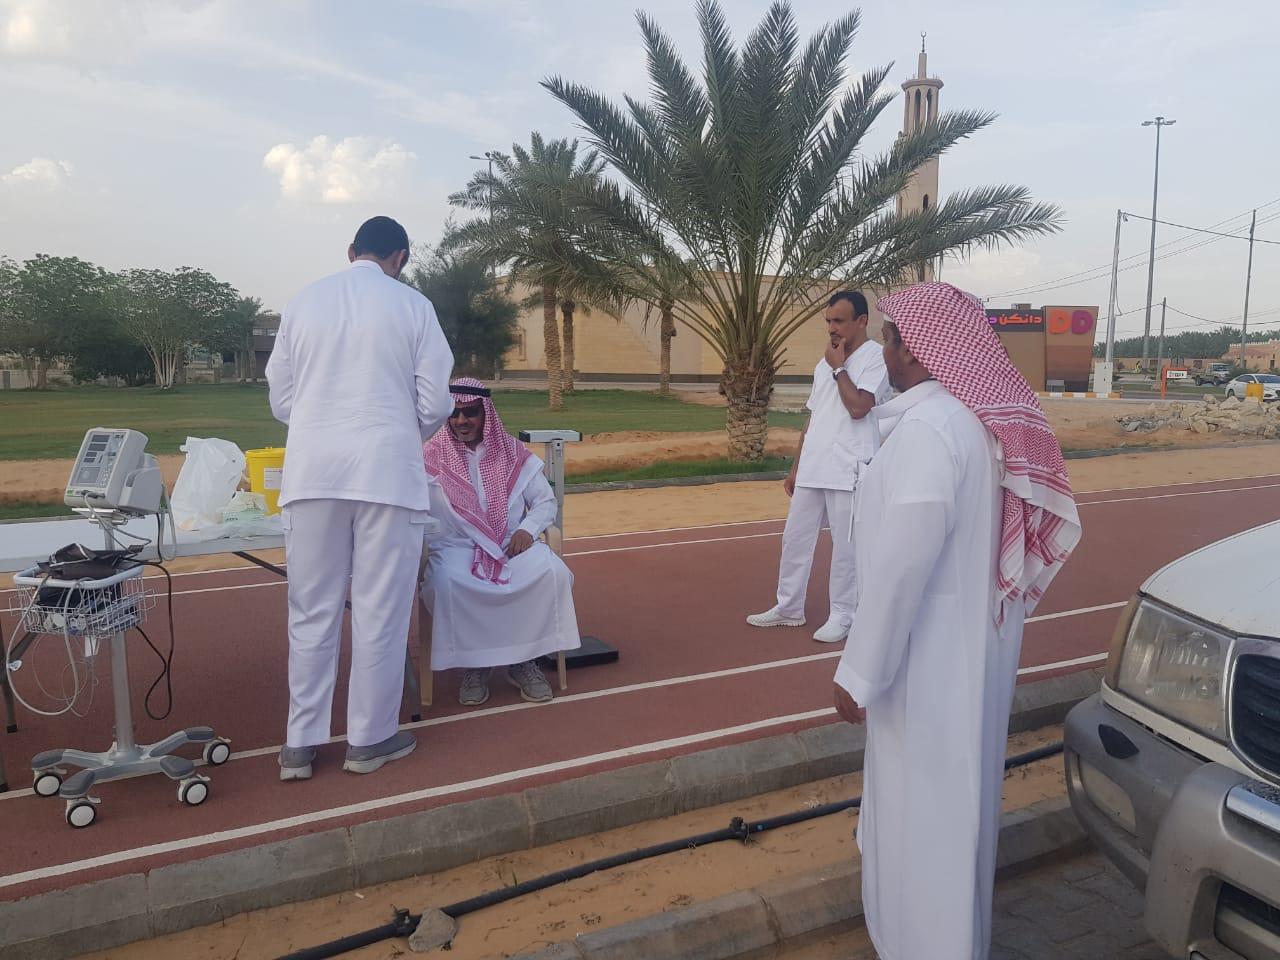 مركز صحي البصر يفعل حملة #صم_بصحة بحديقة الأمير فيصل بن مشعل بن سعود